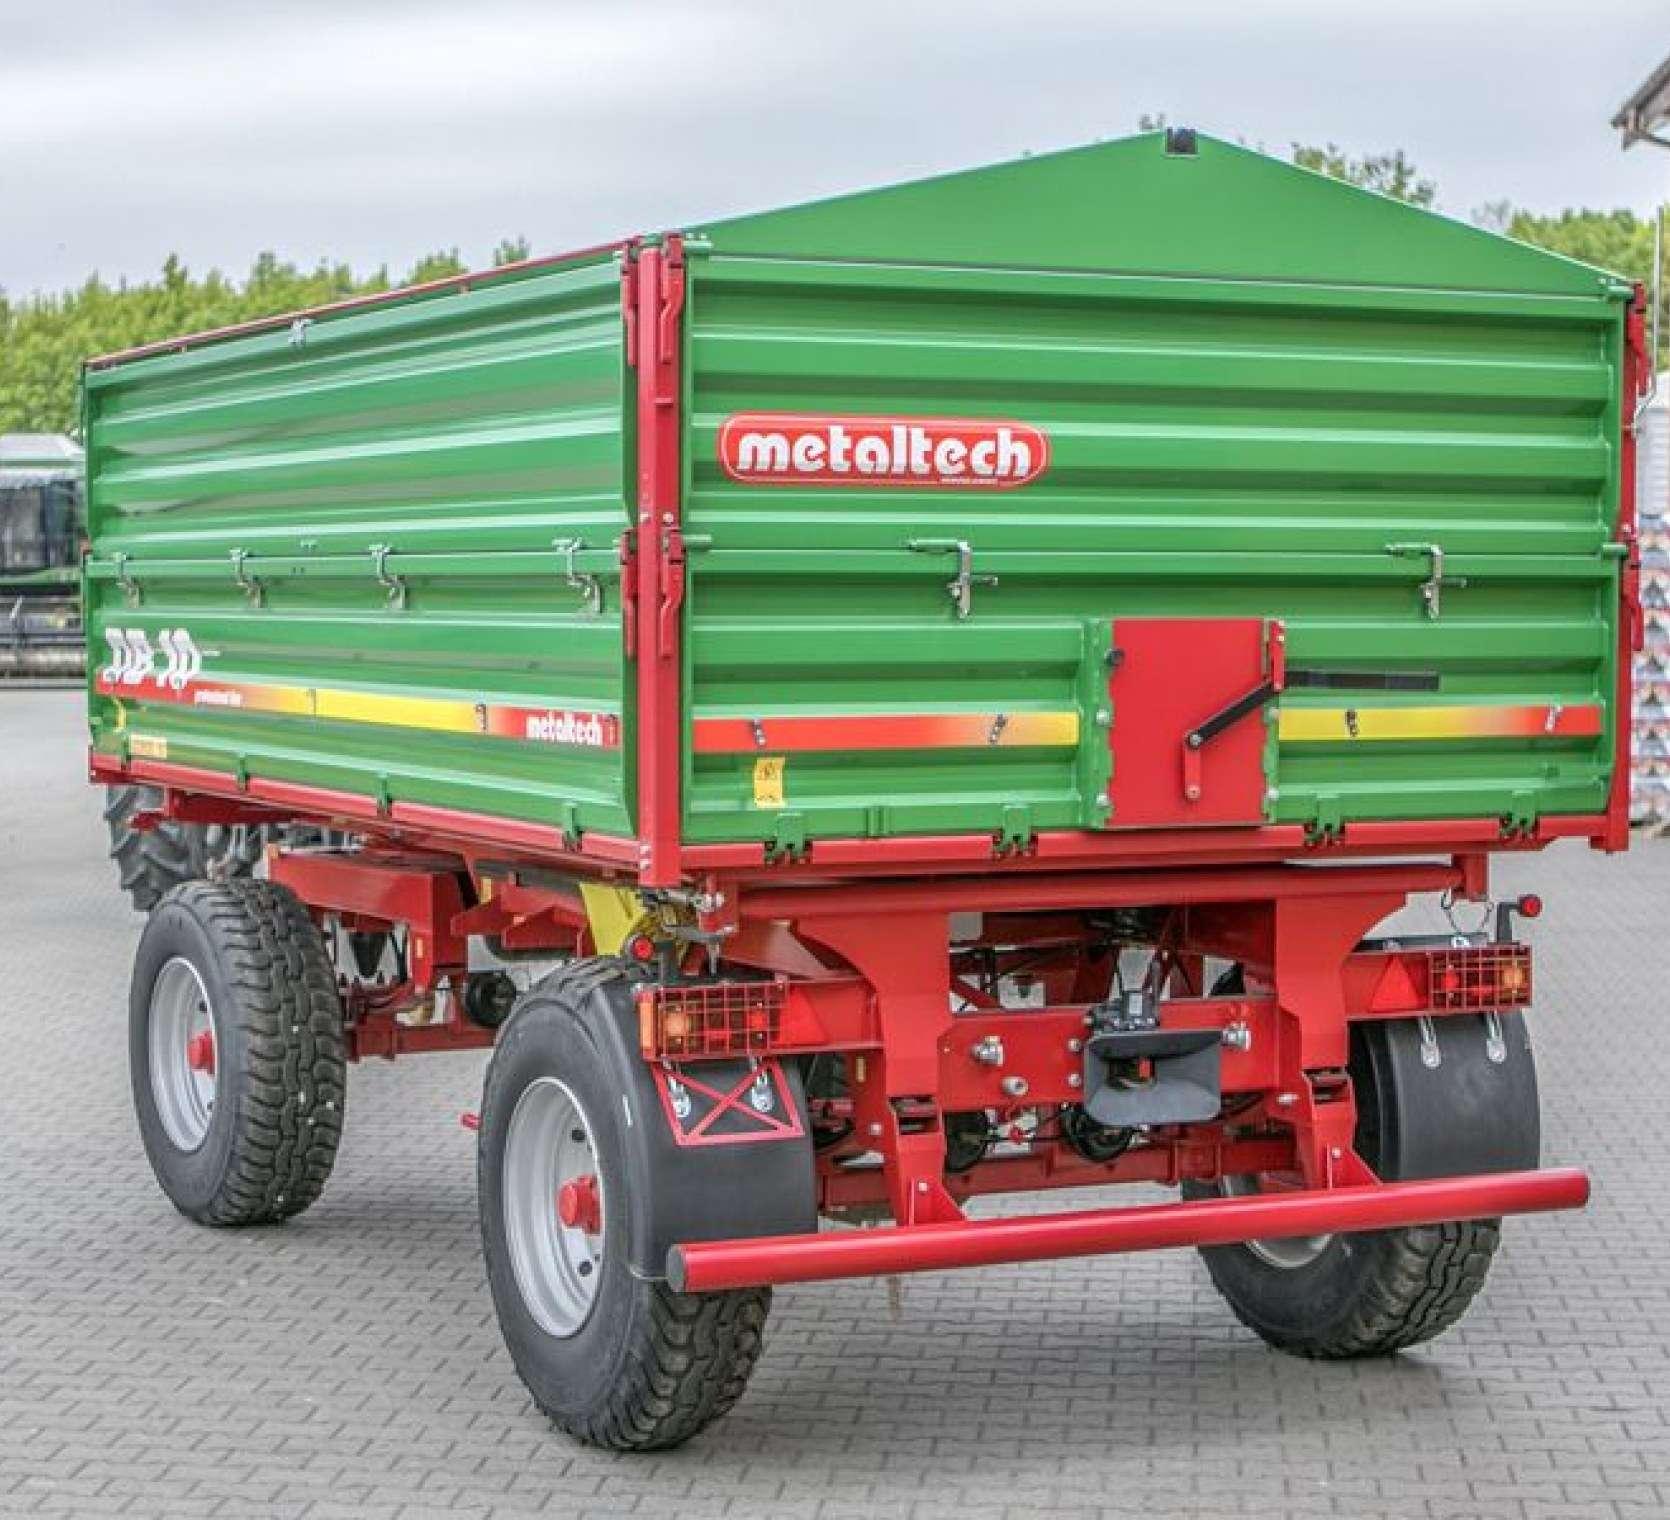 Przyczepa Metaltech DB 10000, skrzynia ładunkowa zielona, rama w kolorze czerwonym, pomost roboczy, tylne okno wysypowe. www.korbanek.pl